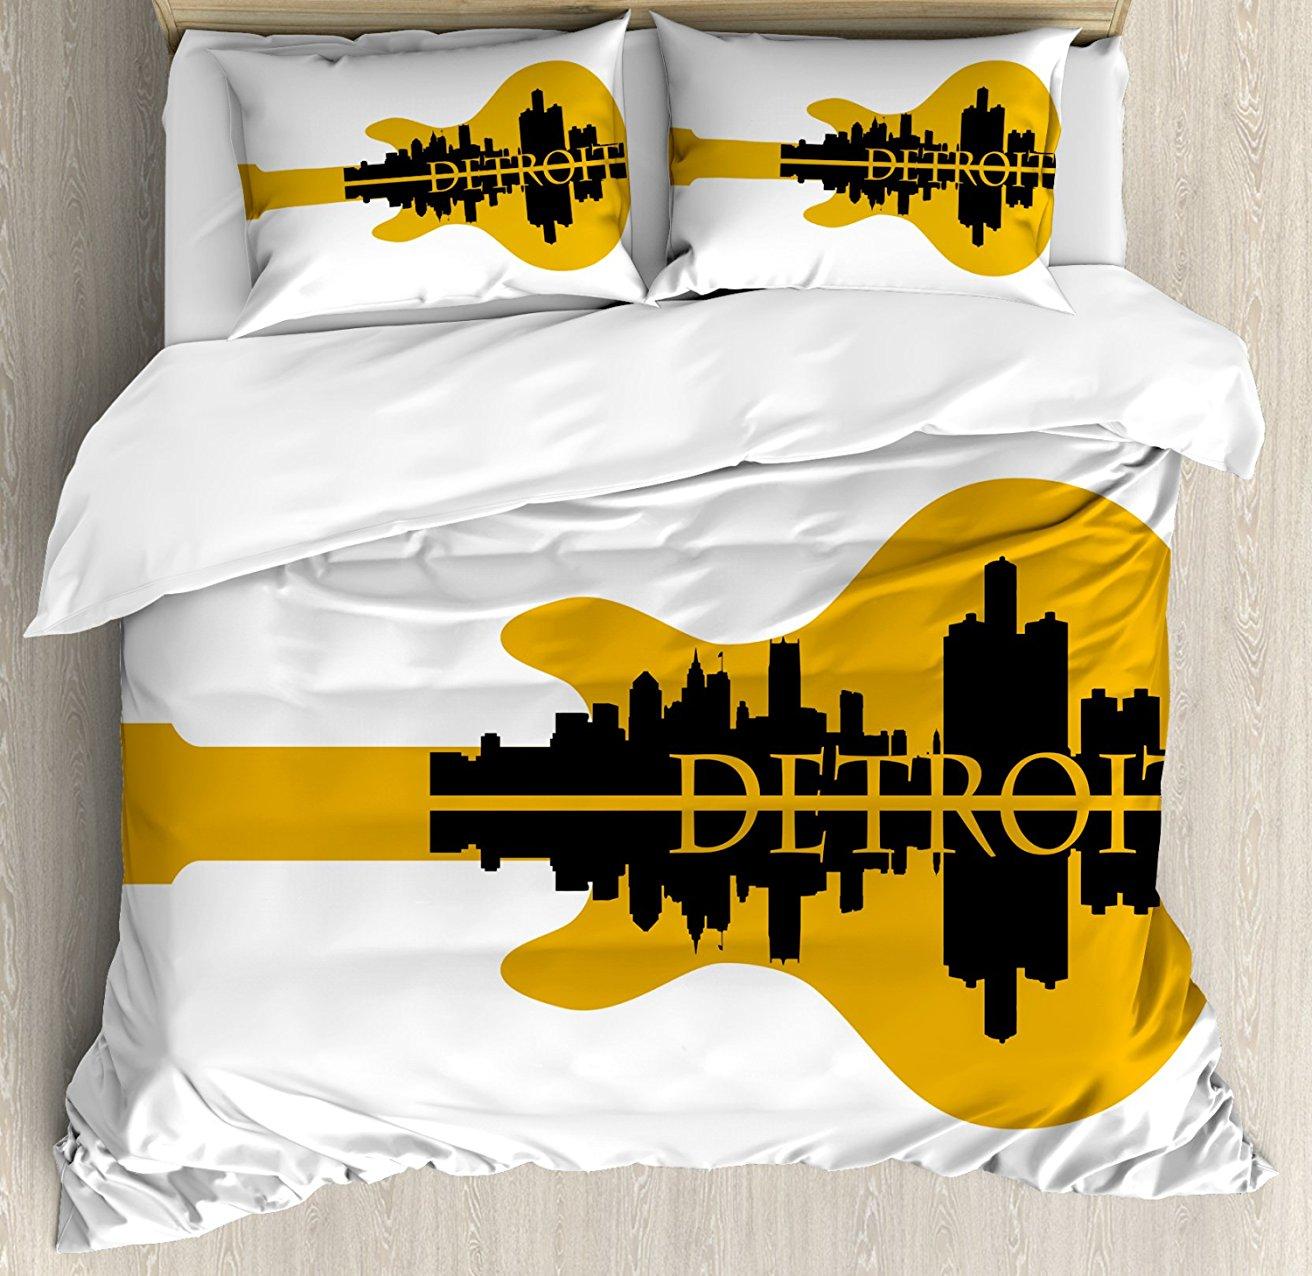 Detroit décor housse de couette ensemble gratte-ciel bâtiments Silhouette réflexion guitare électrique Instrument musique décor 4 pièces ensemble de literie